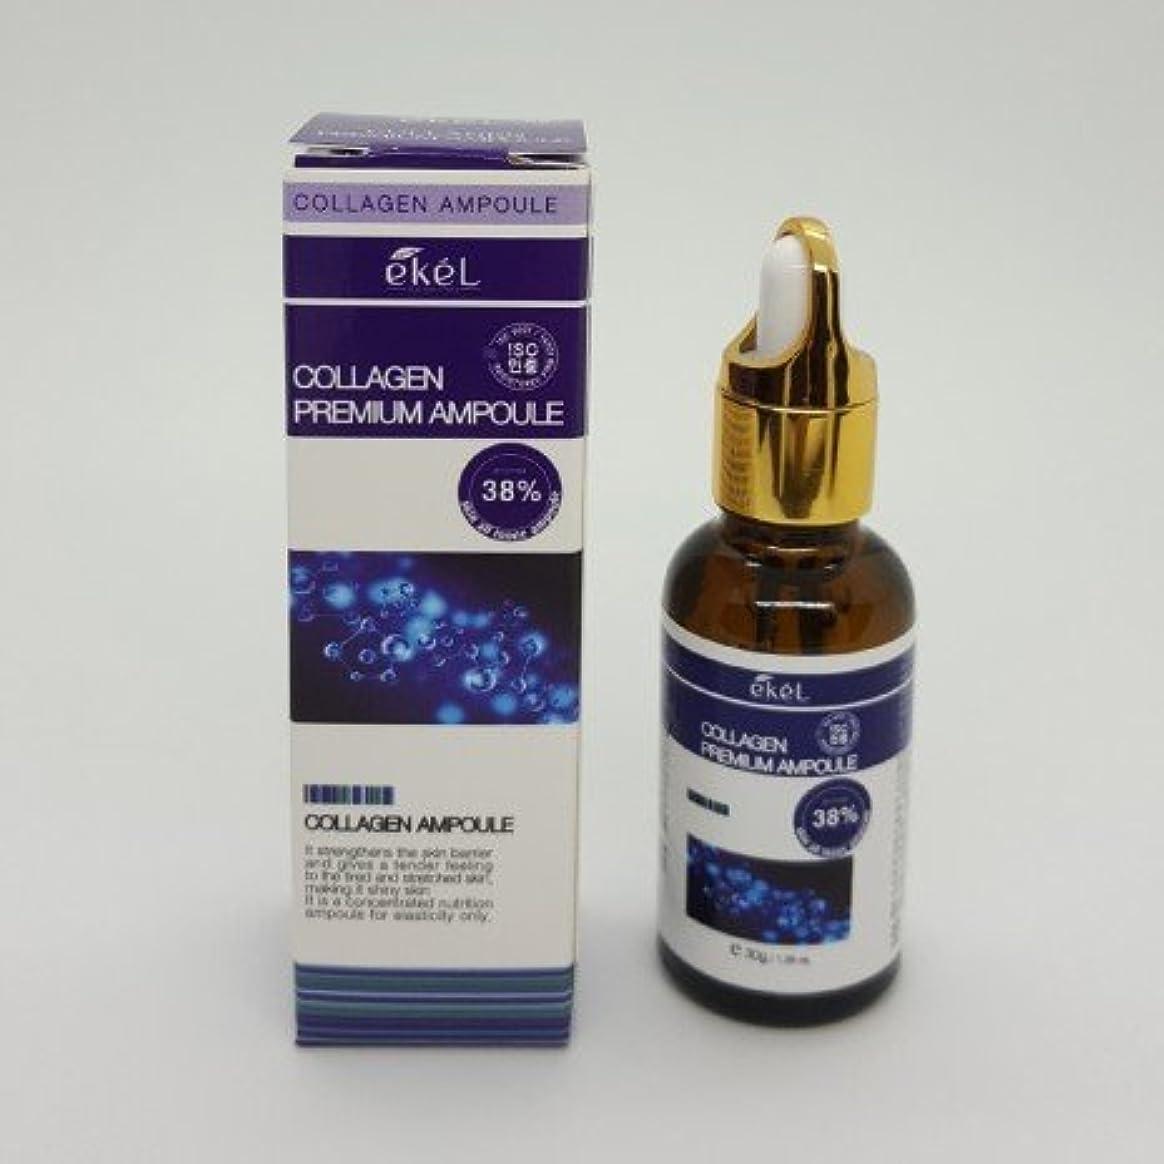 麻痺引き金広々[EKEL] Collagen Premium Ampoule 38% - 30g